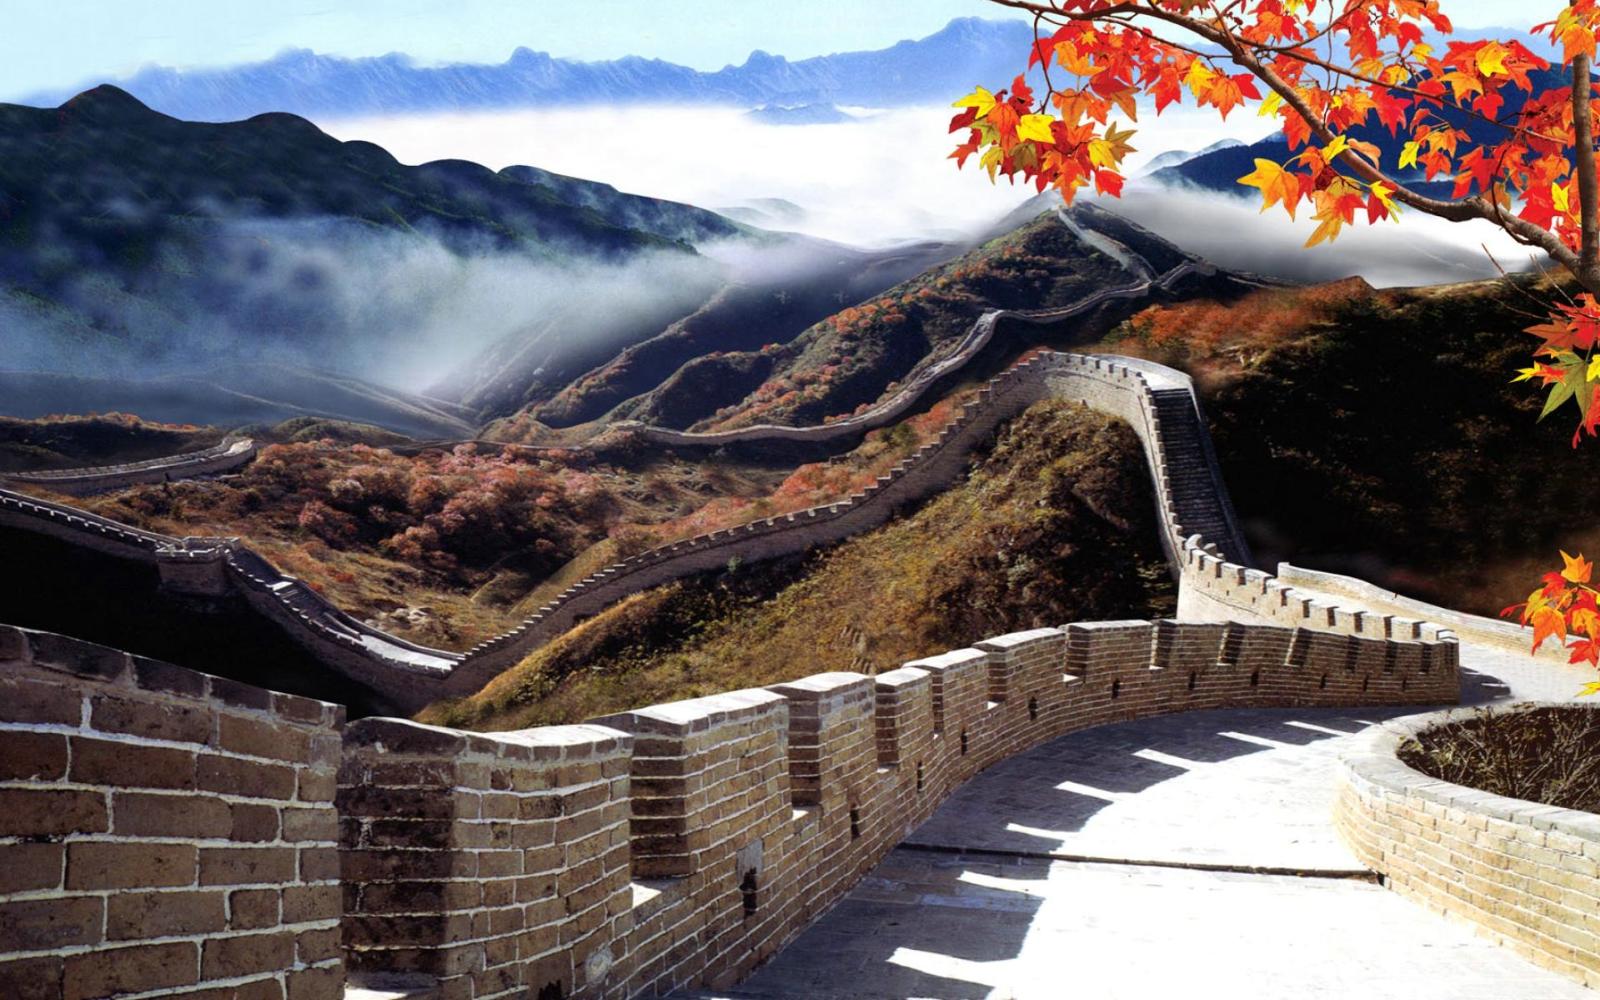 Получение гражданства КНР: вопросы и ответы